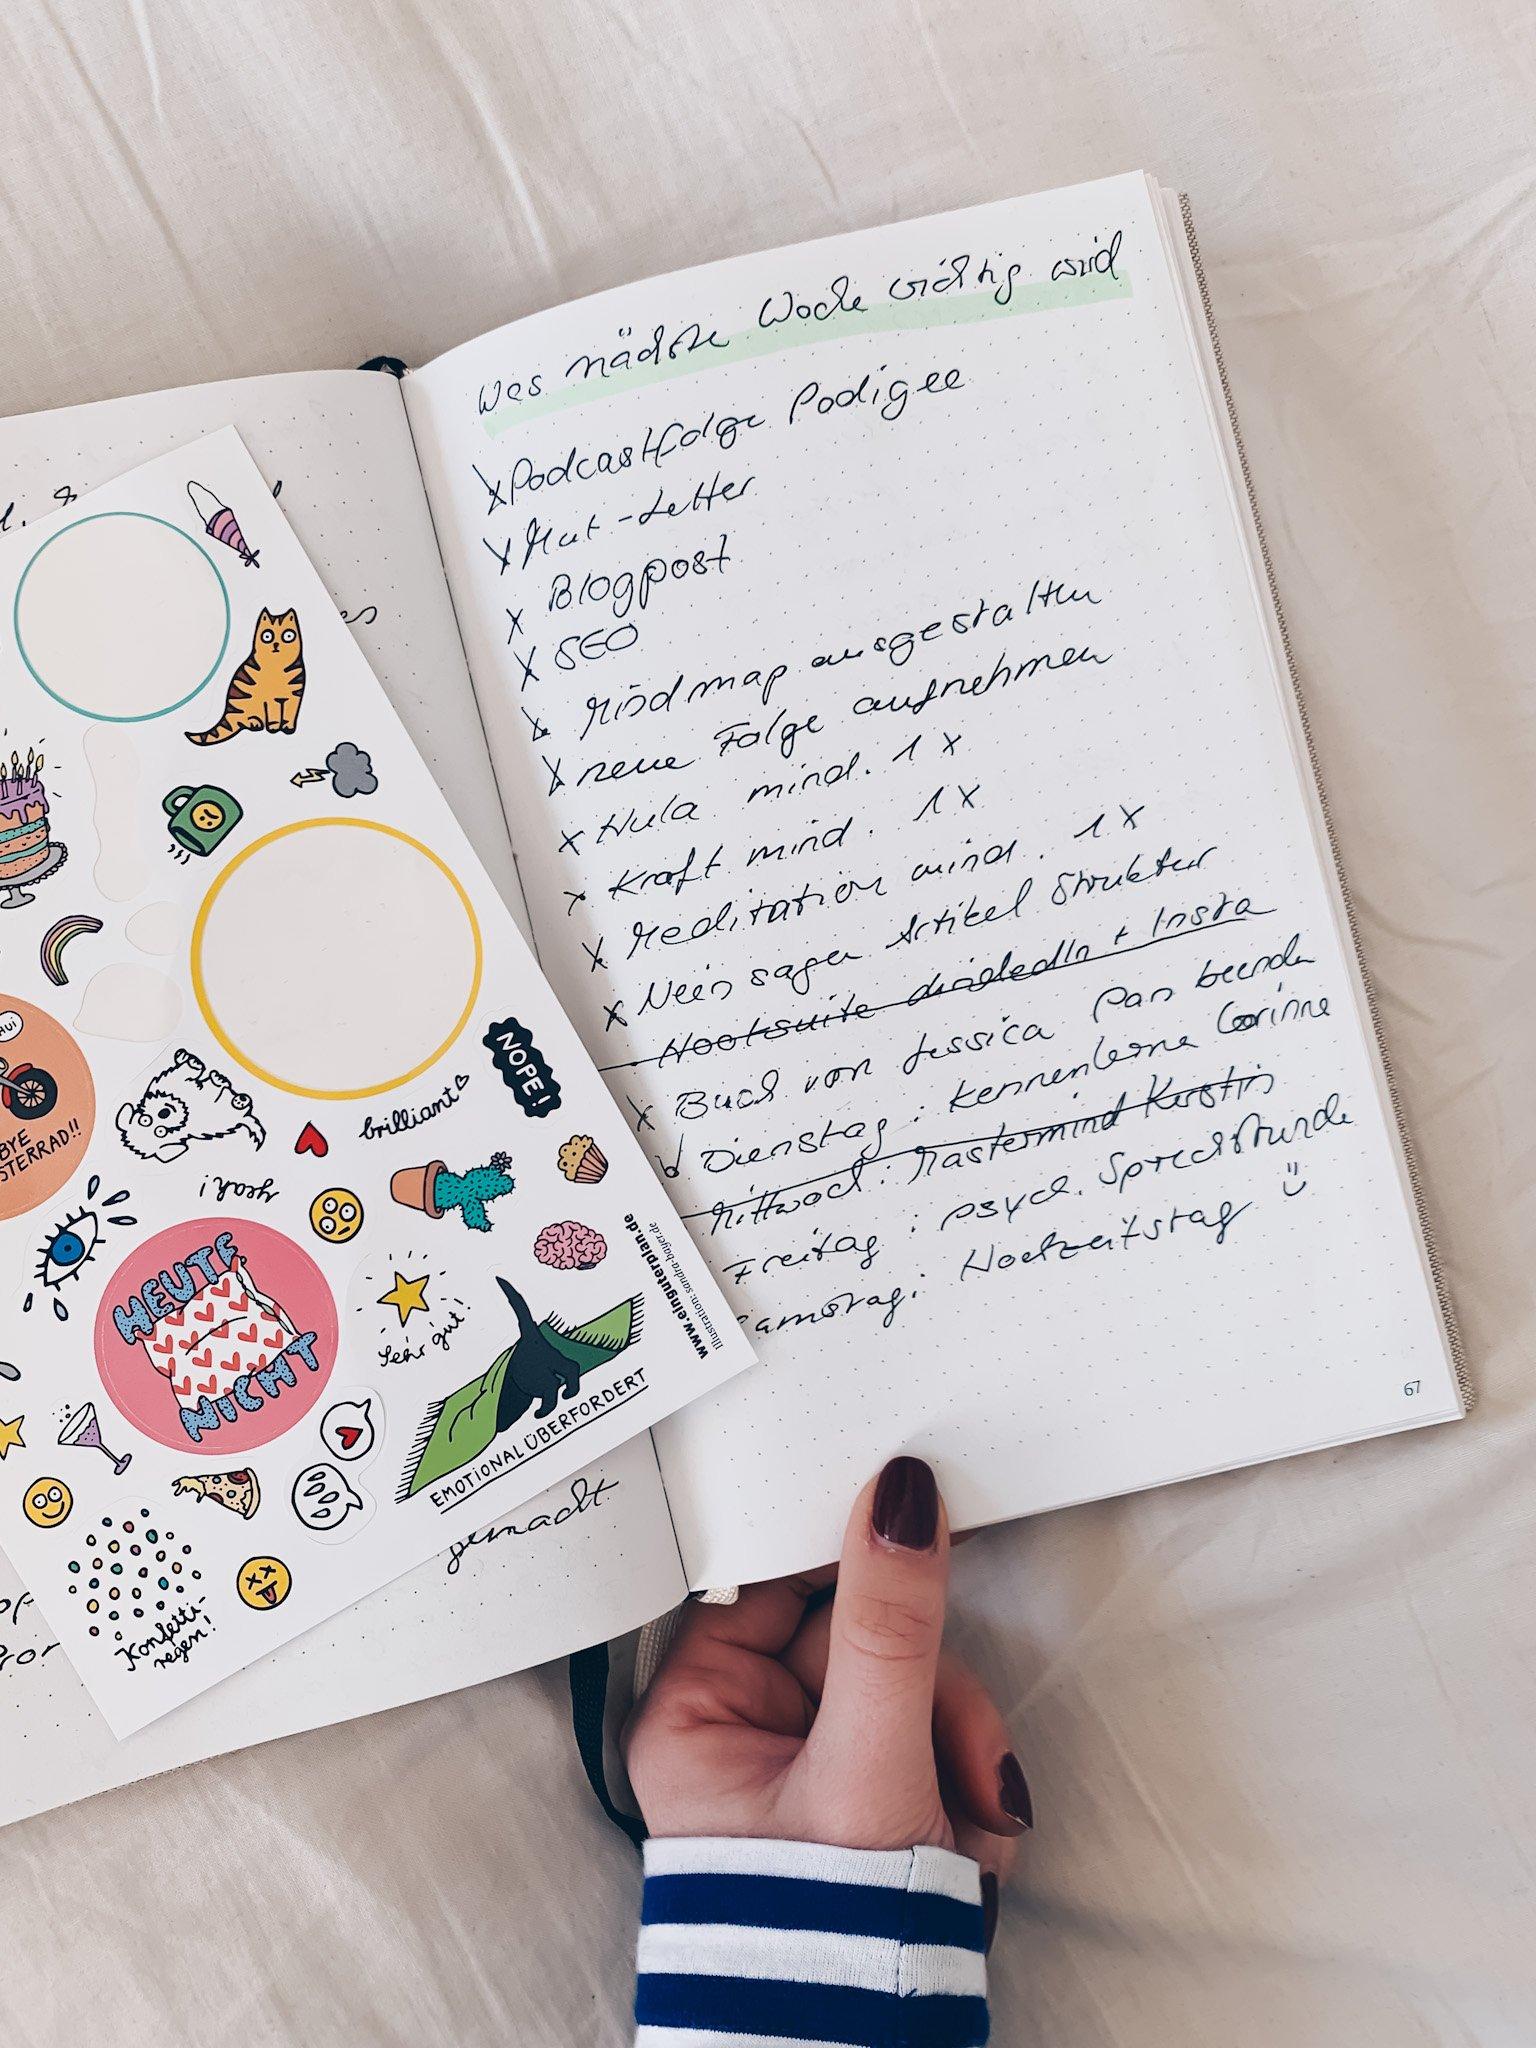 Wie hat sich unser Leben verändert, seit wir ein Journal verwenden – beruflich und persönlich? Solltest du dem Ganzen auch eine Chance geben? (Spoiler: JA!) In dieser Folge Still & Stark erfährst du, wie wir mit wenig Zeitaufwand mehr Klarheit und Struktur für unsere Ziele finden; und 3 großartige Effekte, die Journaling auf unser Stresslevel und Wohlbefinden hat